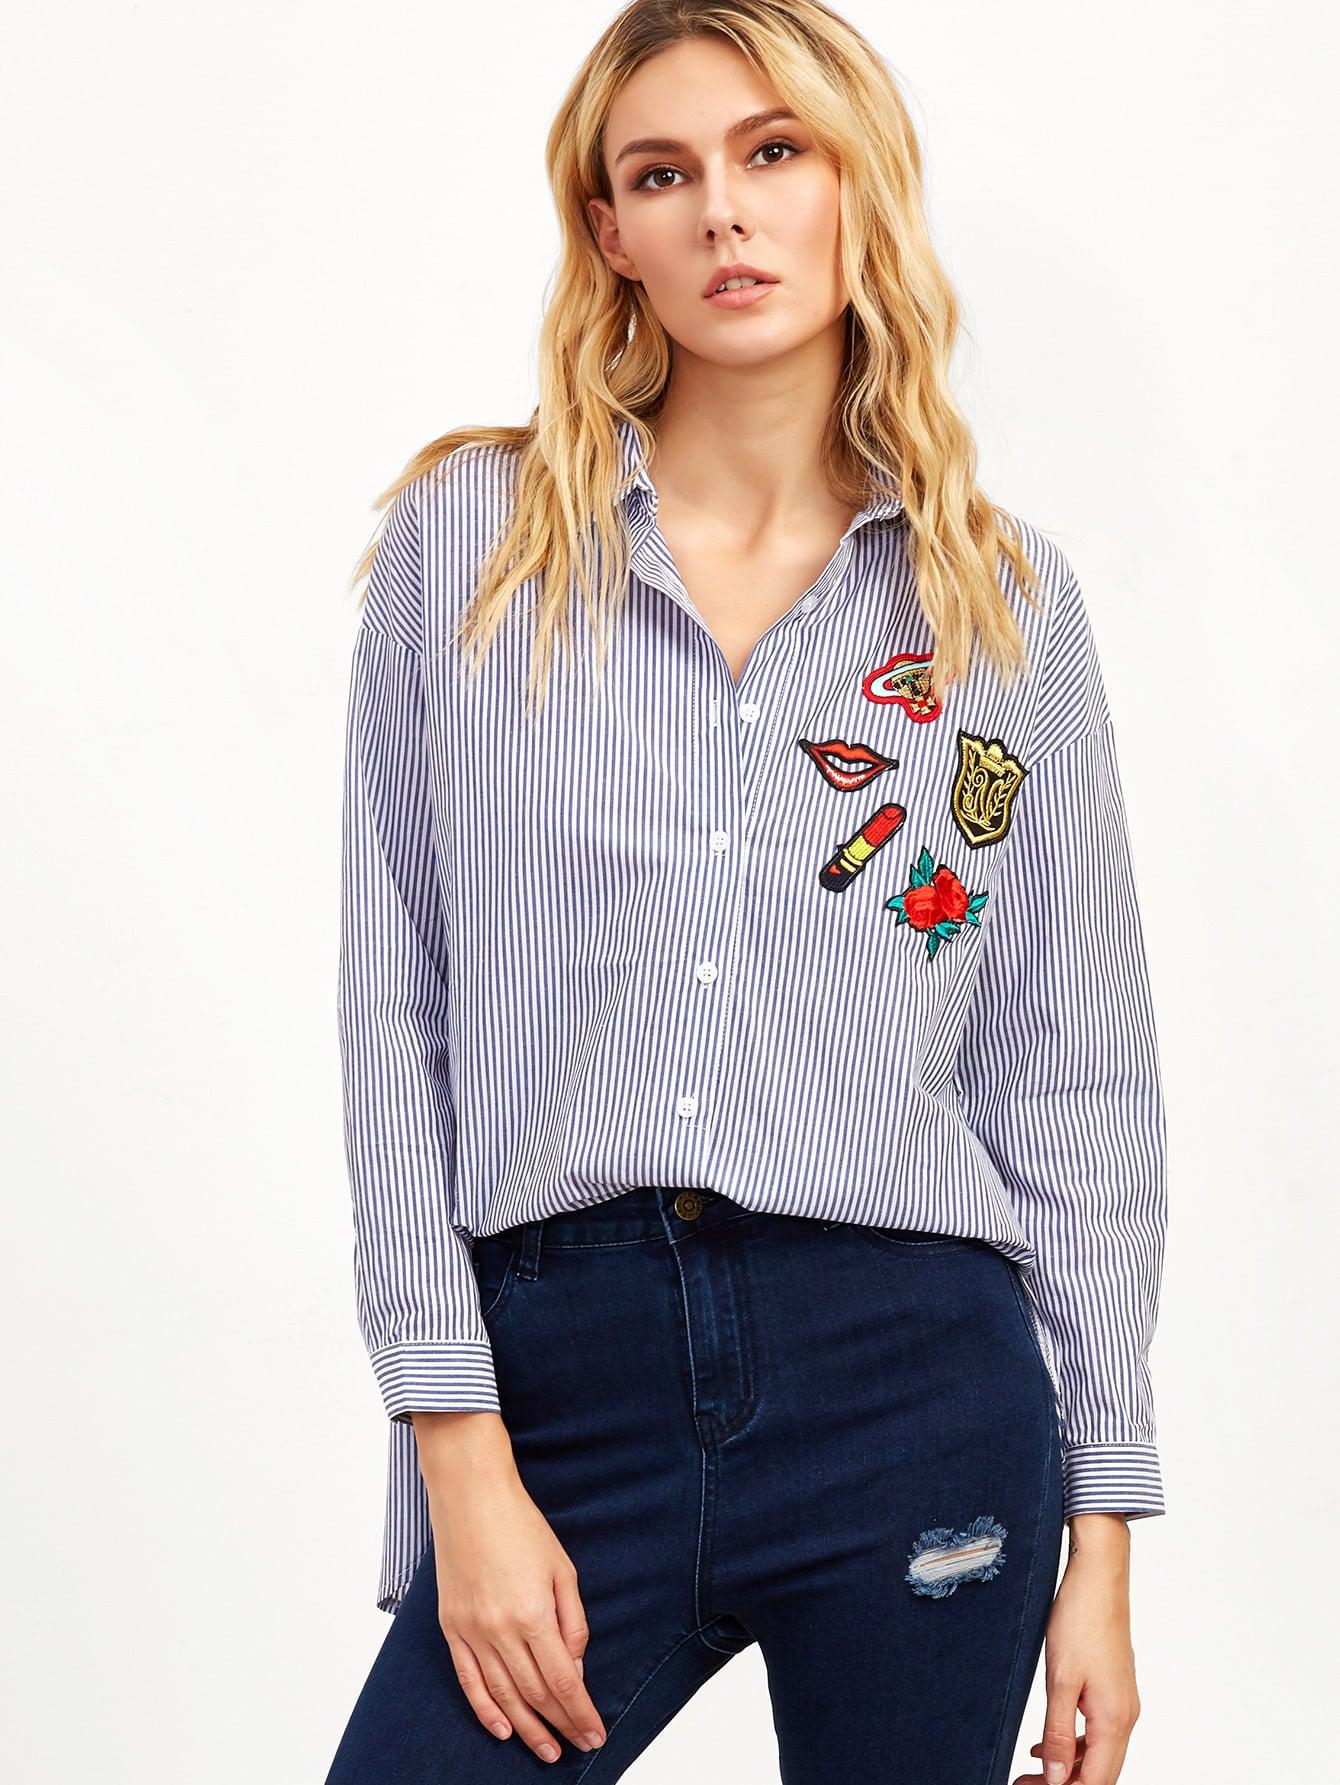 Блузки в полоску с вышивкой 61